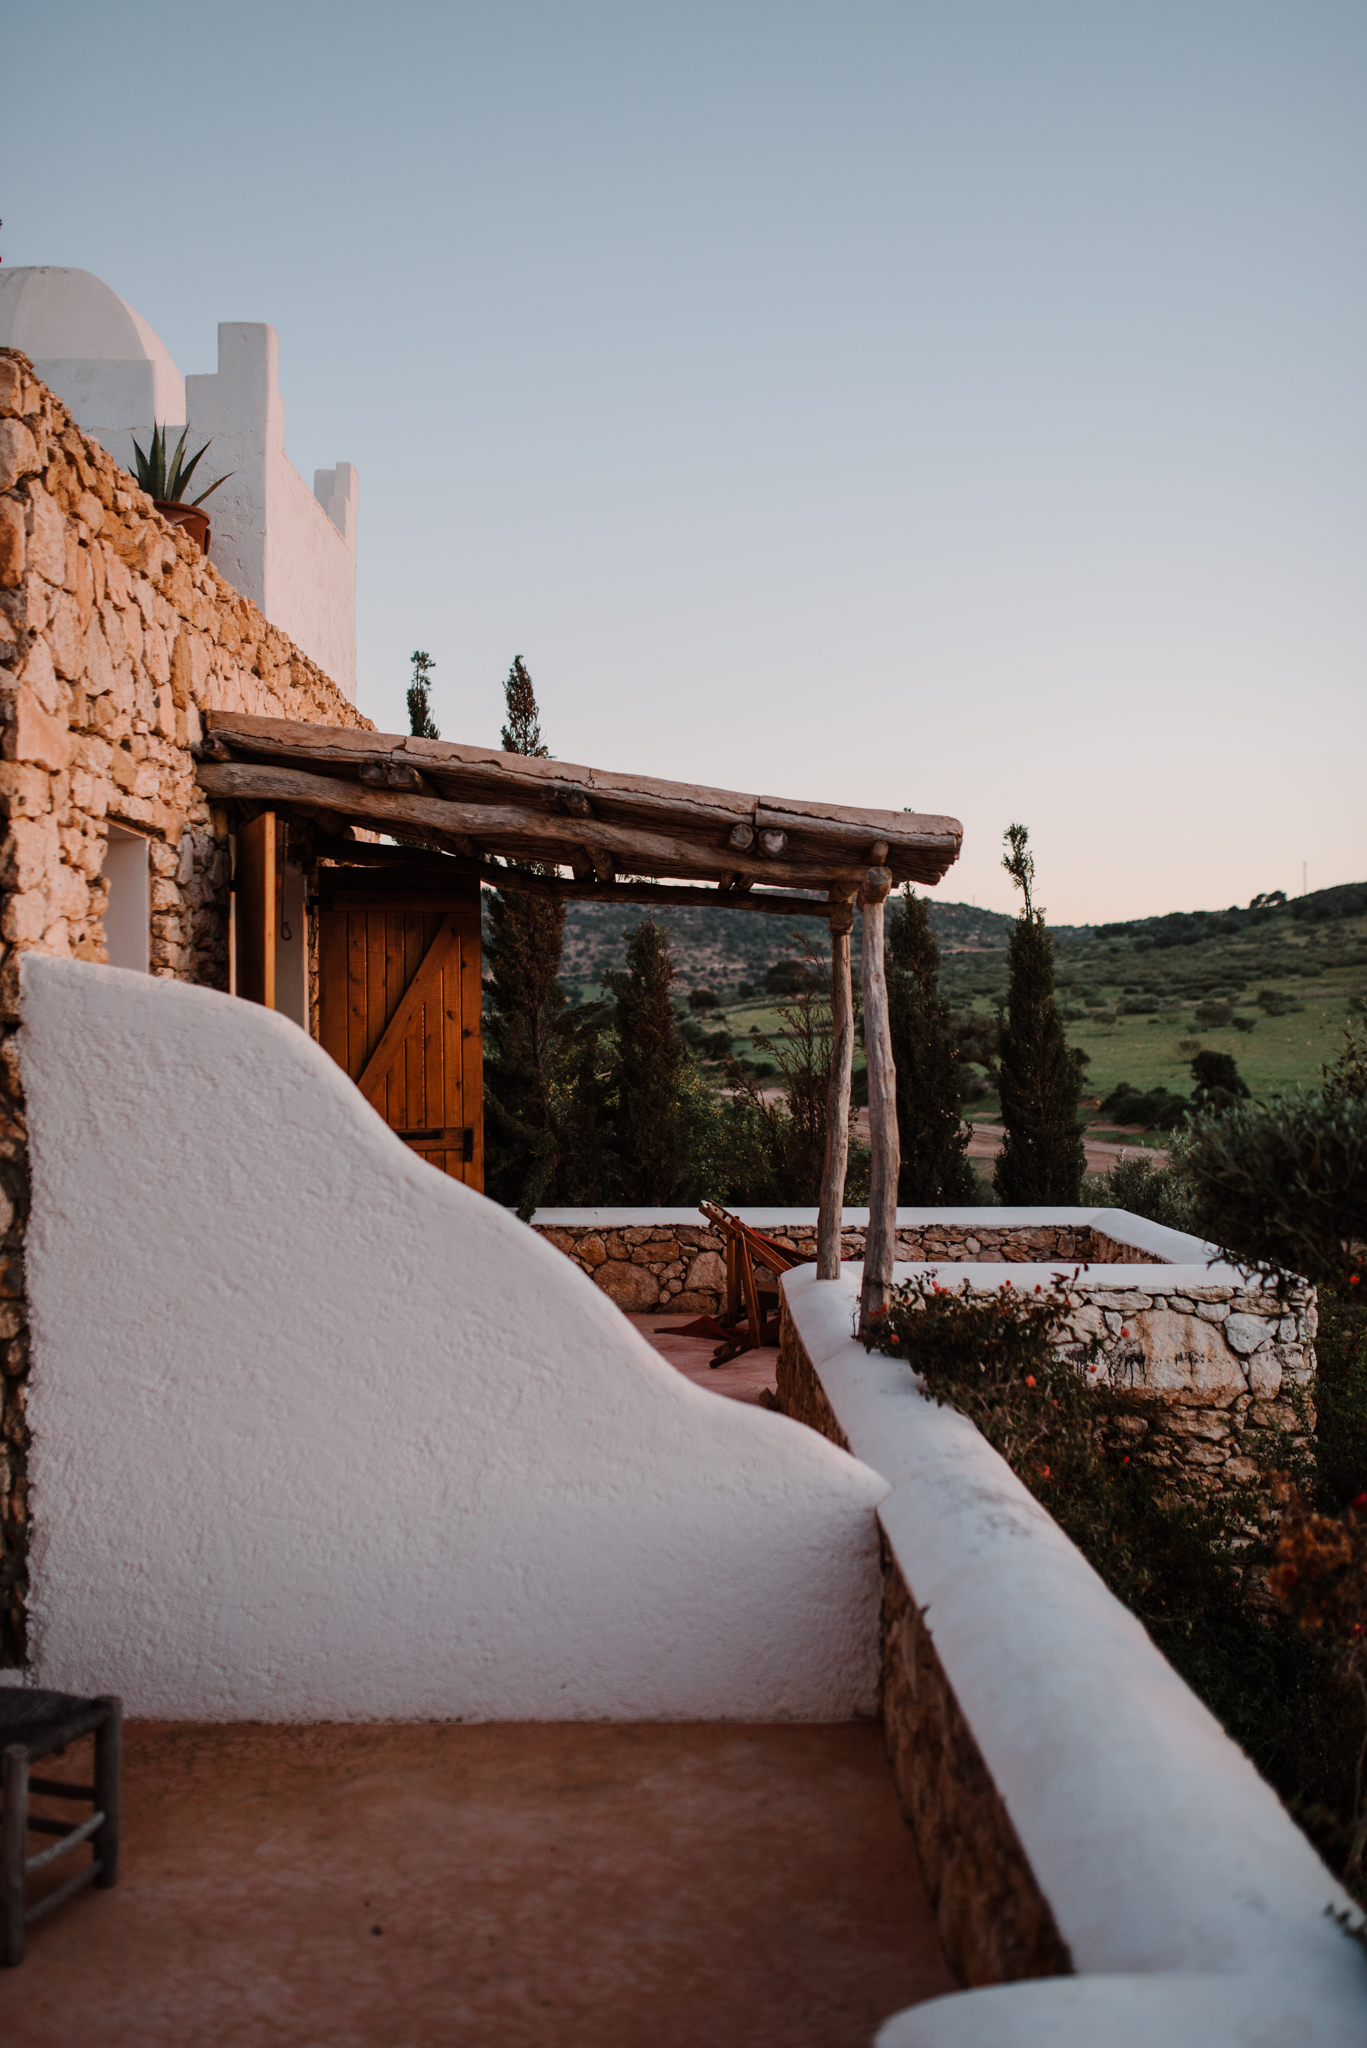 Anoukfotografeert Marokko reis-336